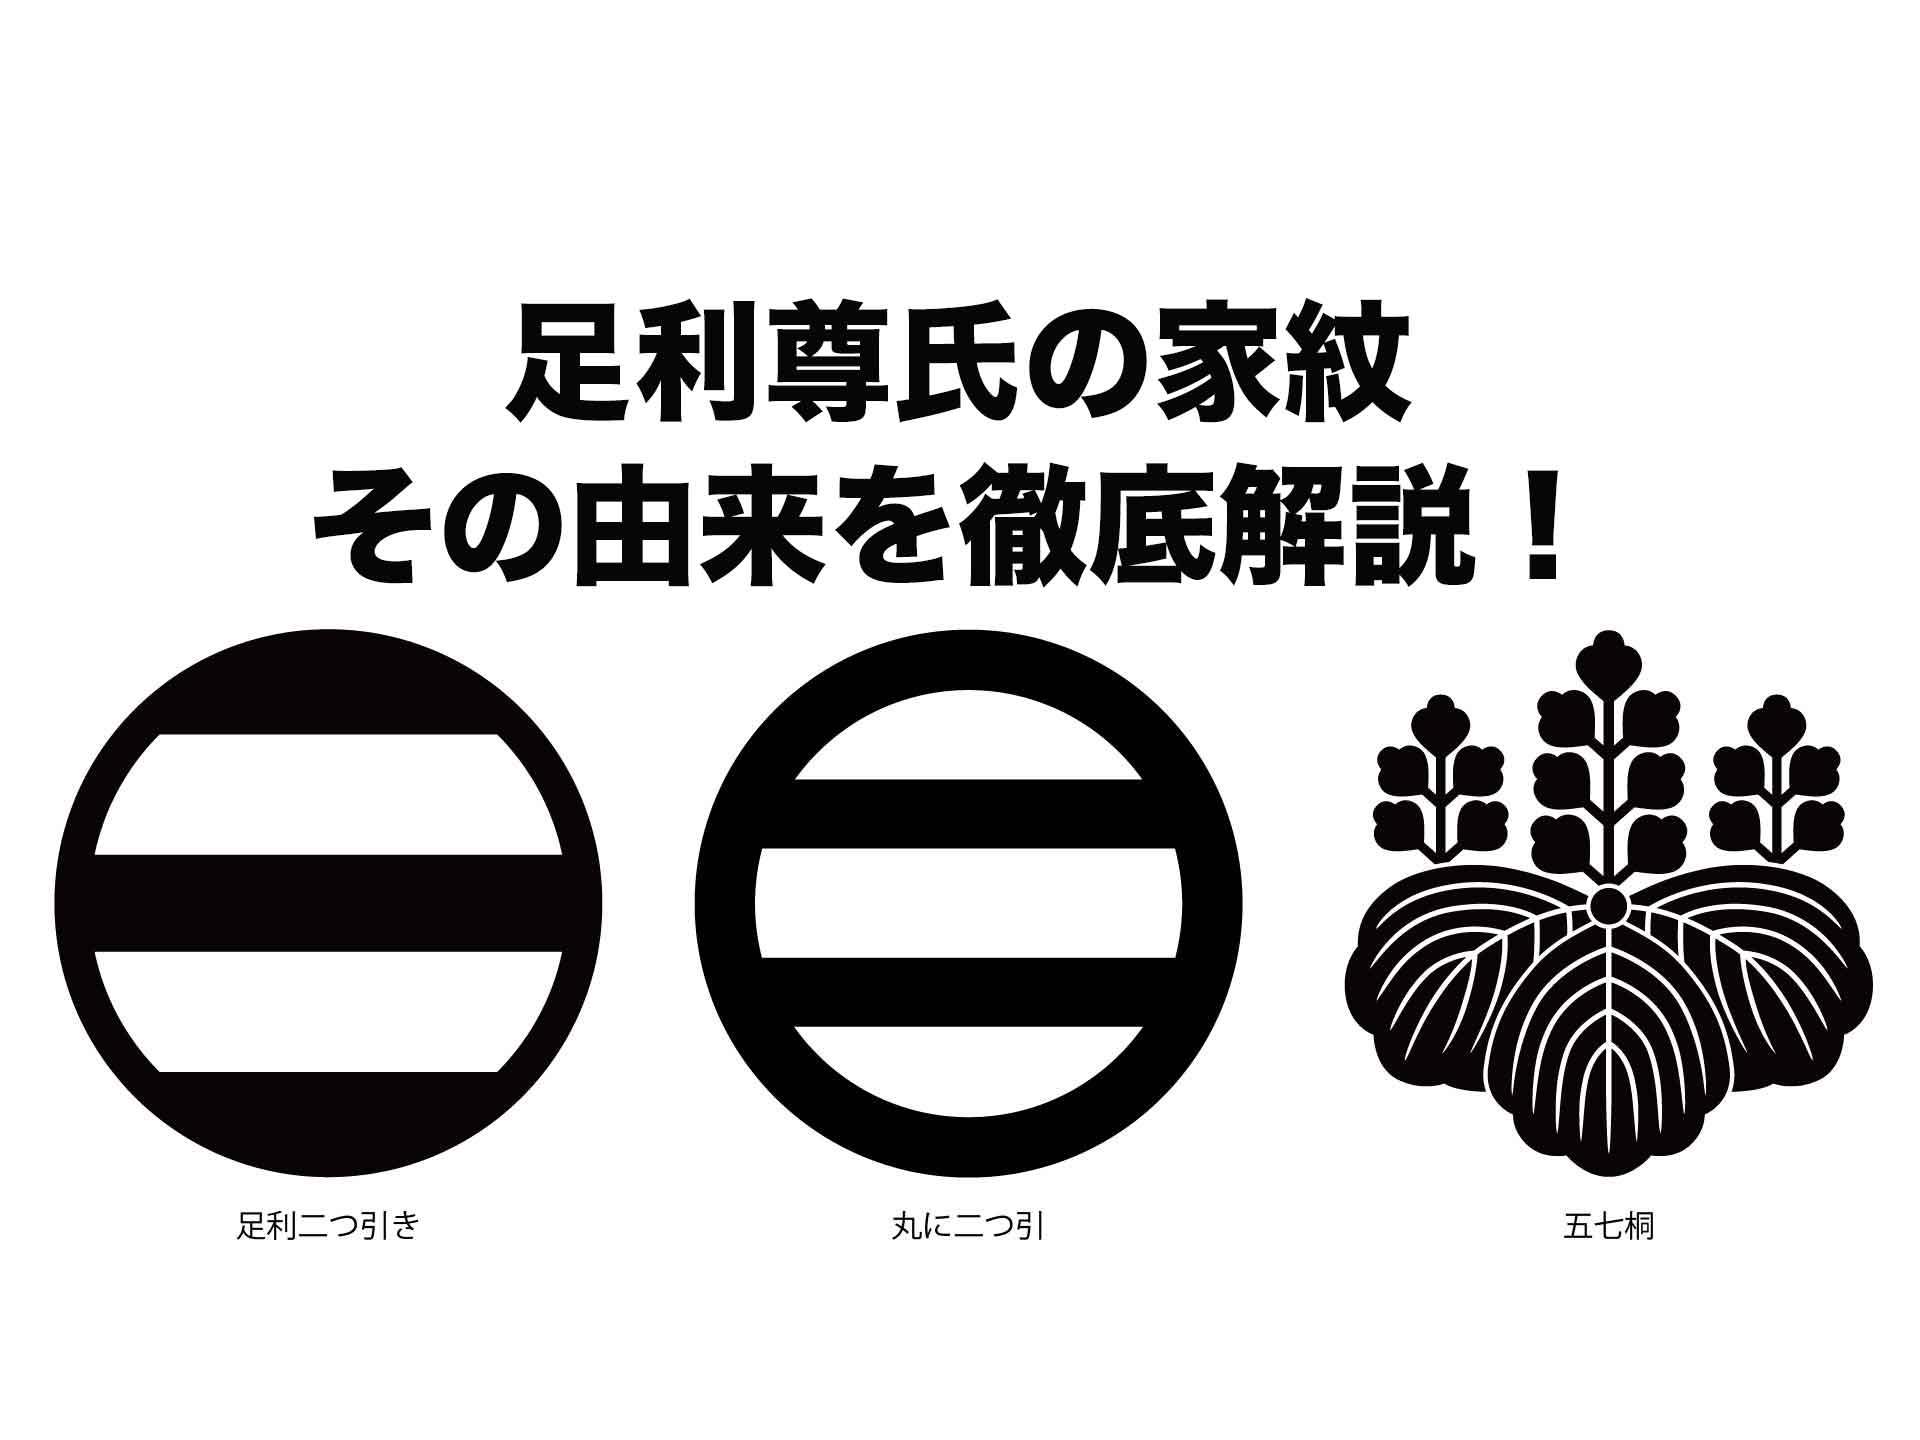 足利尊氏の家紋は「丸に二つ引両」「五七桐」。その由来を徹底解説!